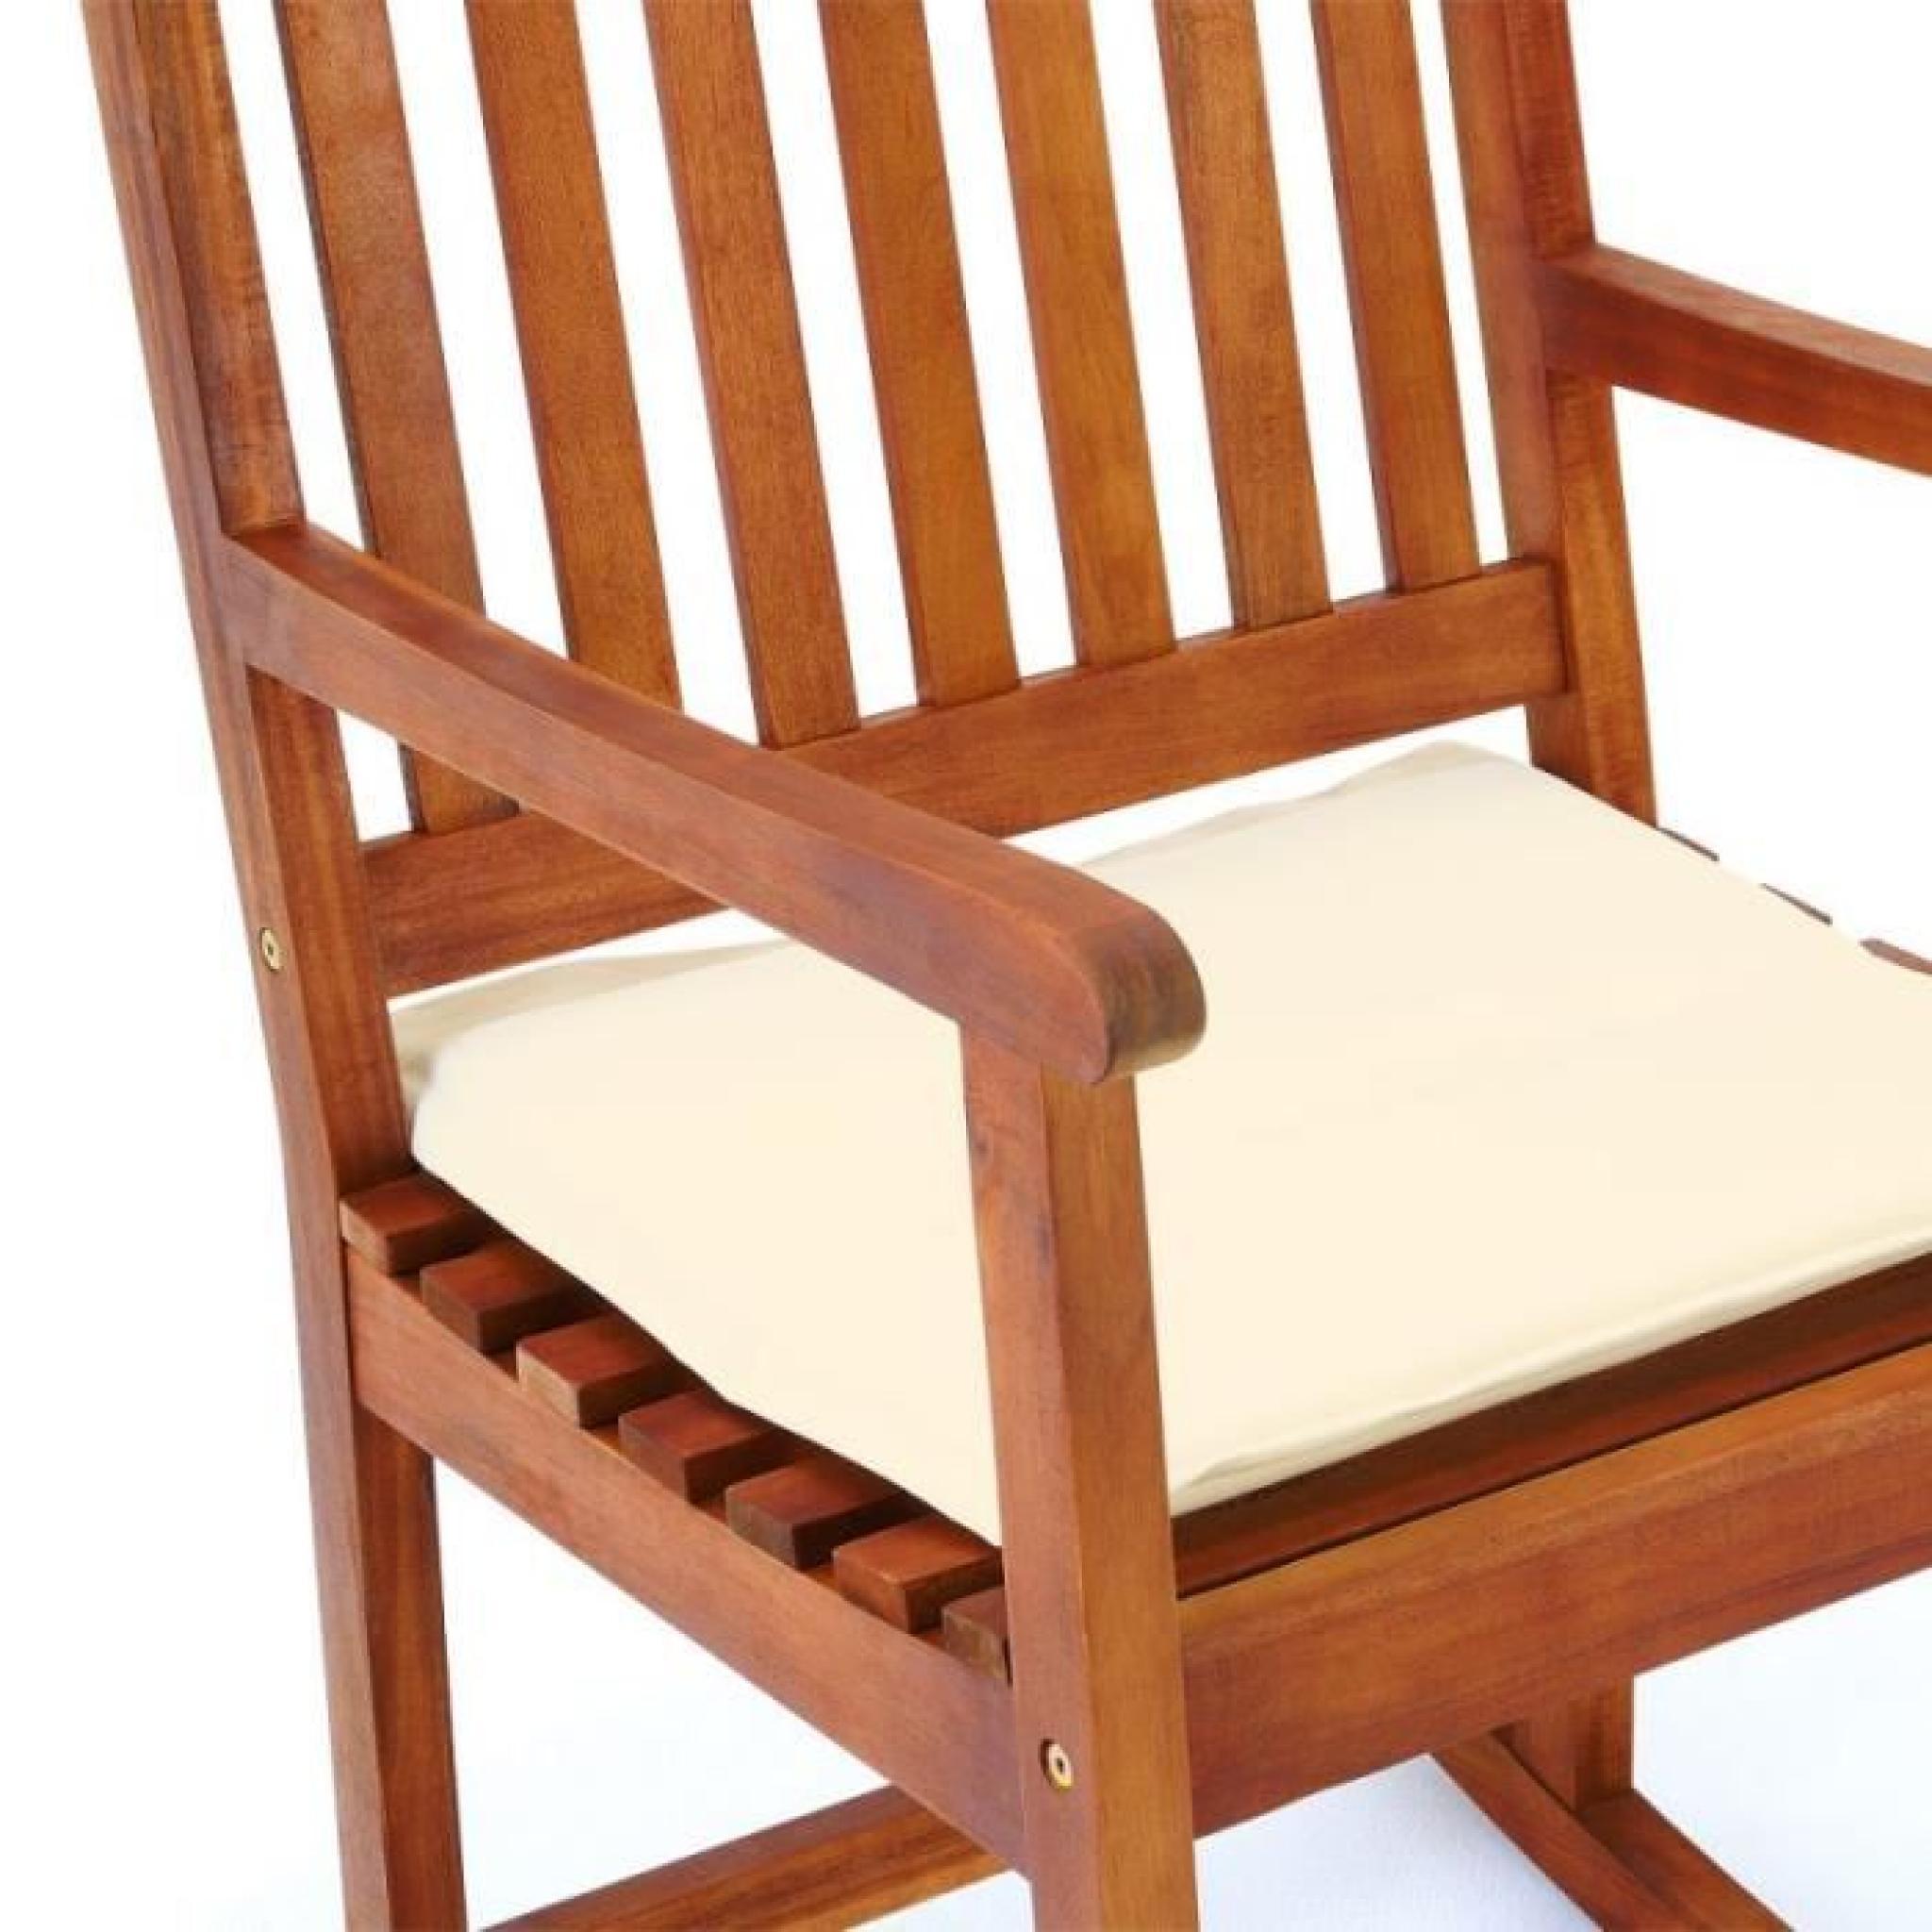 chaise bascule bois rocking chair achat vente chaise salle a manger pas cher couleur et. Black Bedroom Furniture Sets. Home Design Ideas